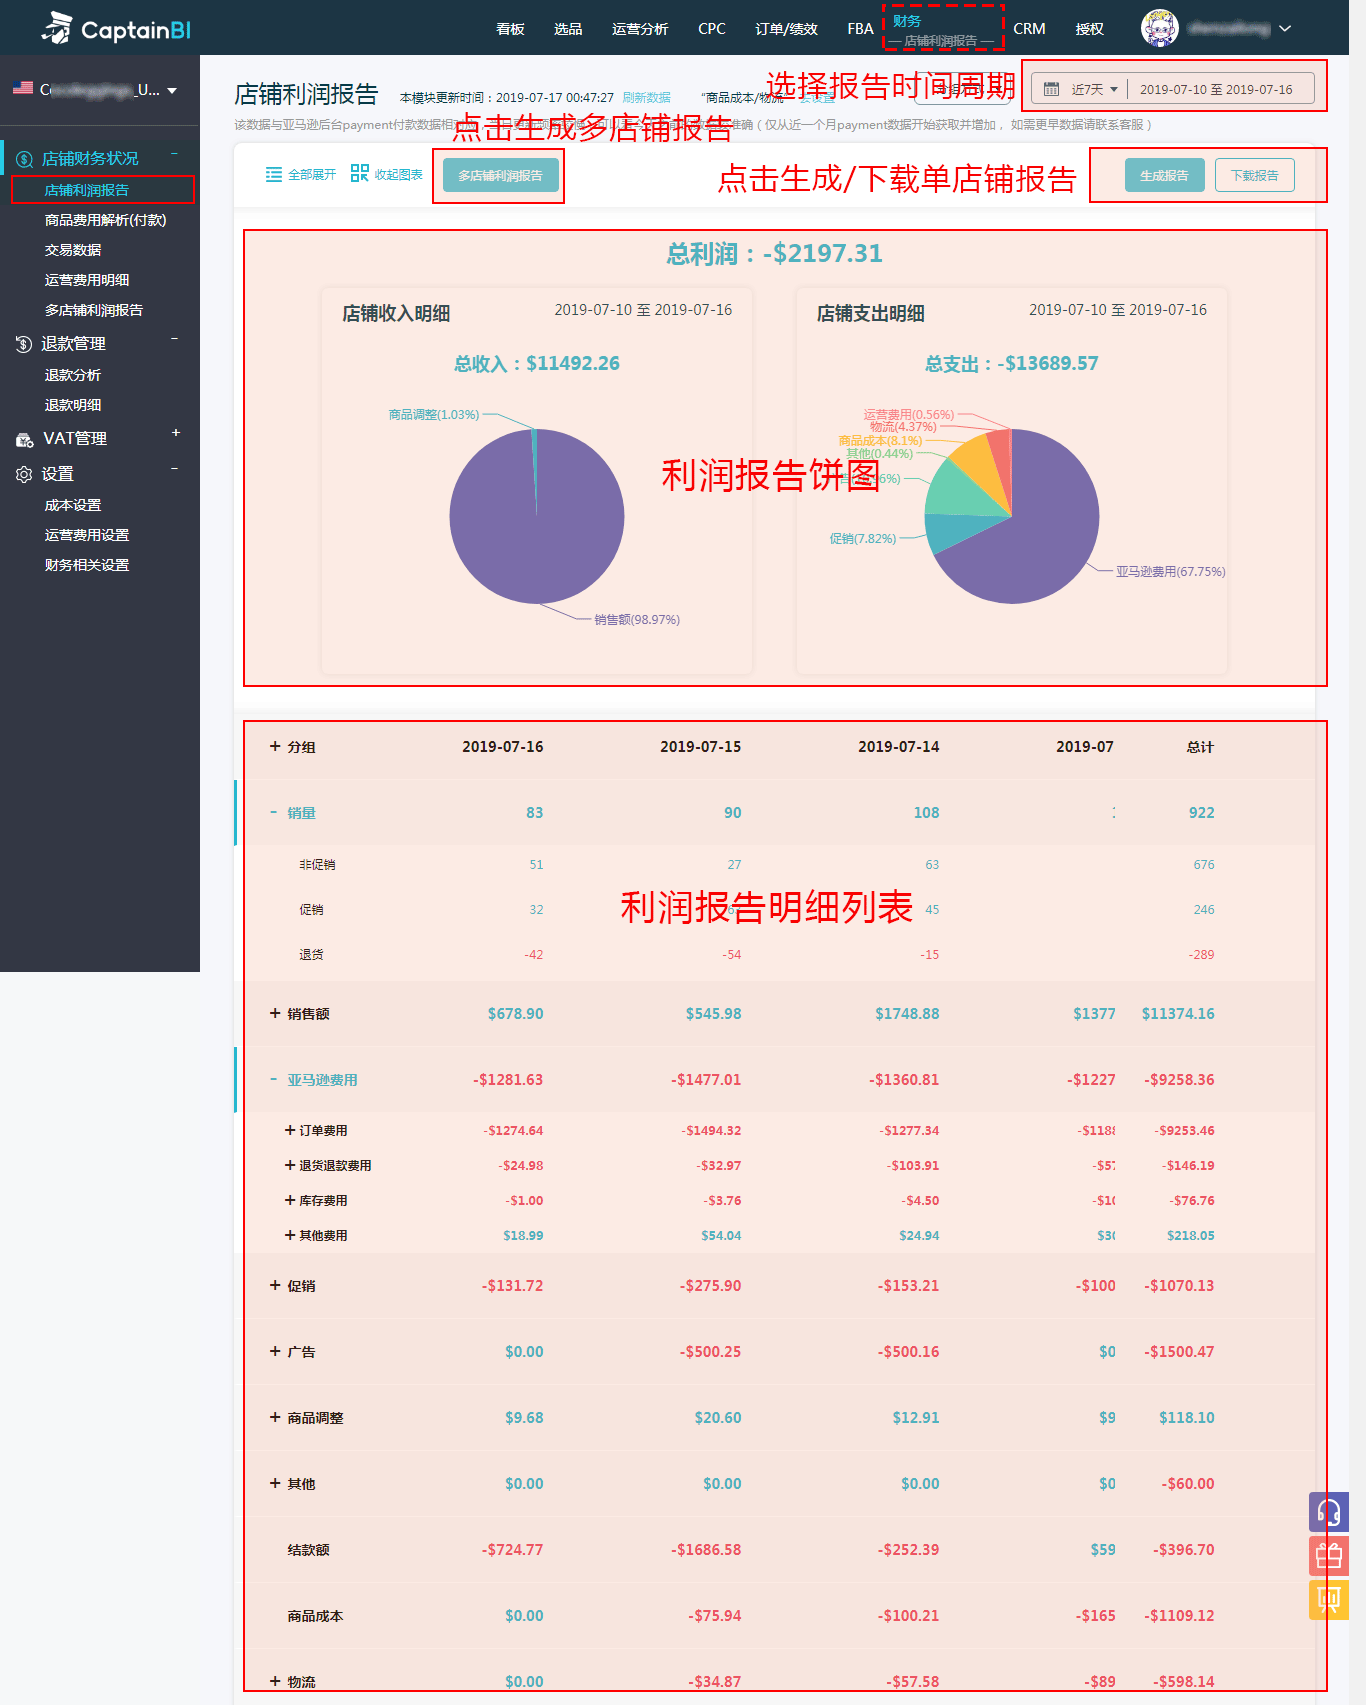 7.1店铺利润报告.jpg